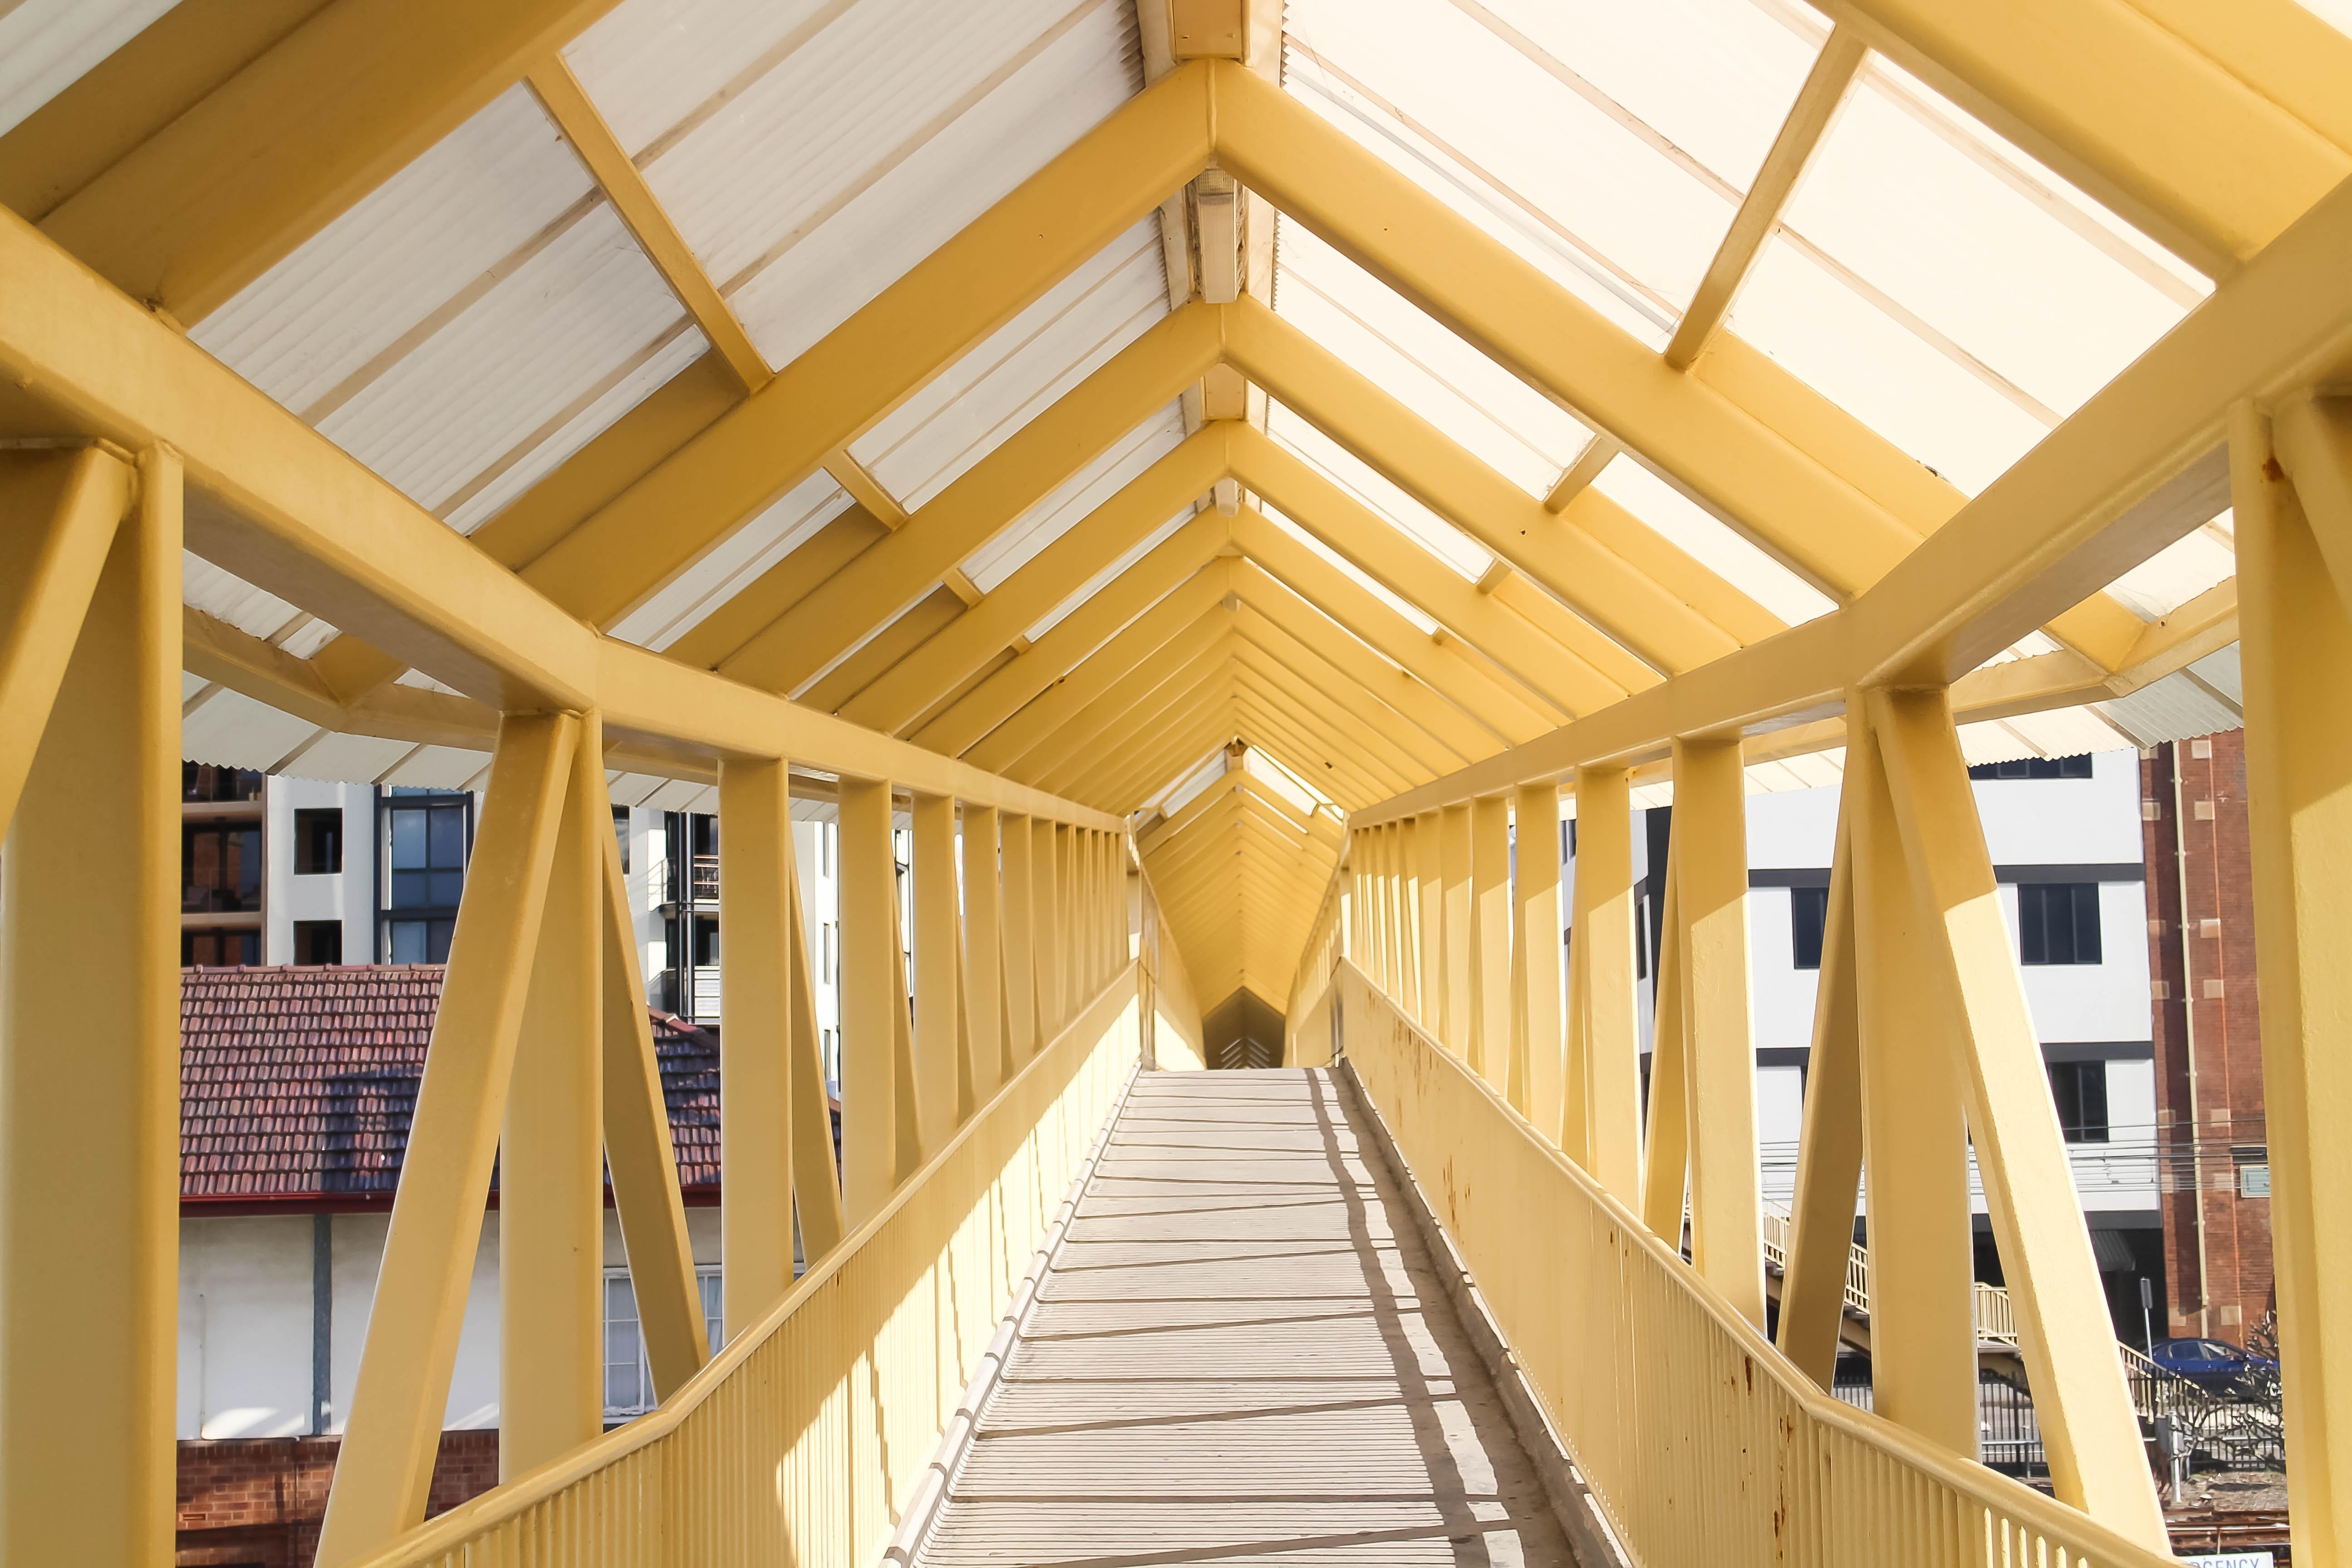 Images Gratuites : Architecture, Bois, Pont, La Perspective, Toit, Urbain,  Dépasser, Faisceau, Plafond, Construction, Ombre, Extérieur, Entreprise,  Chambre, ...